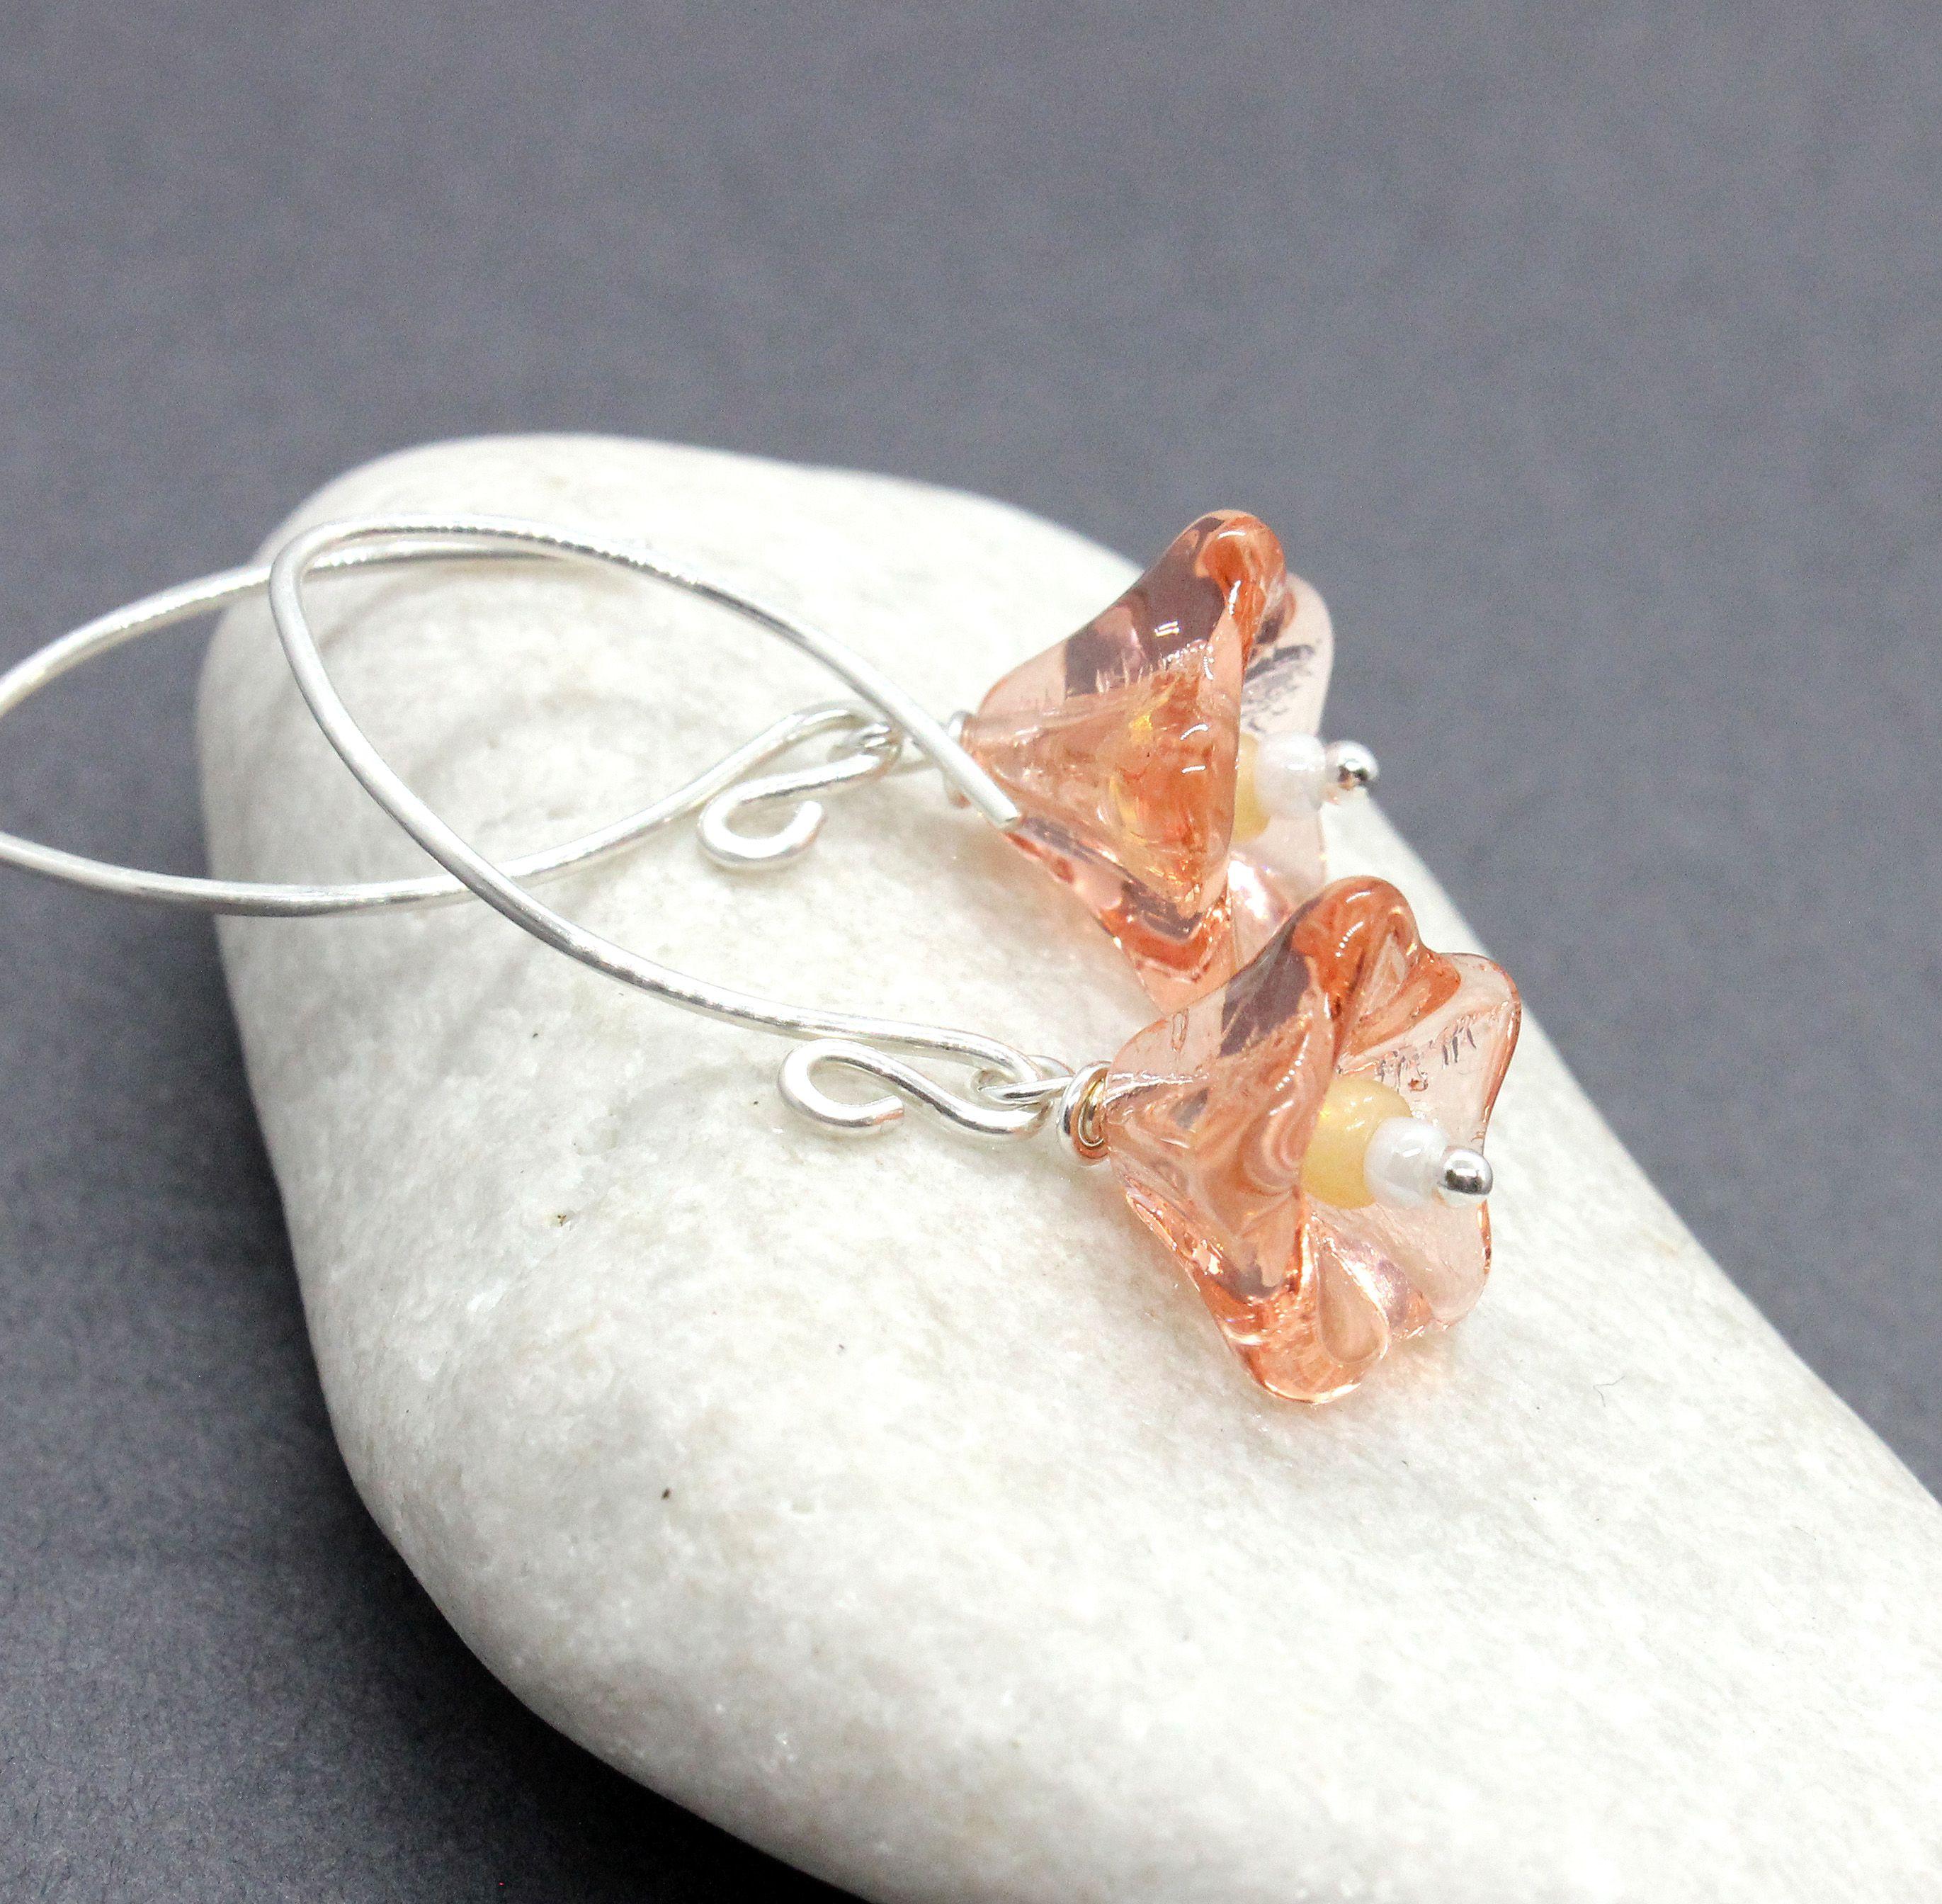 silverearrings womenjewelry glassearrings peachearrings flowerearrings